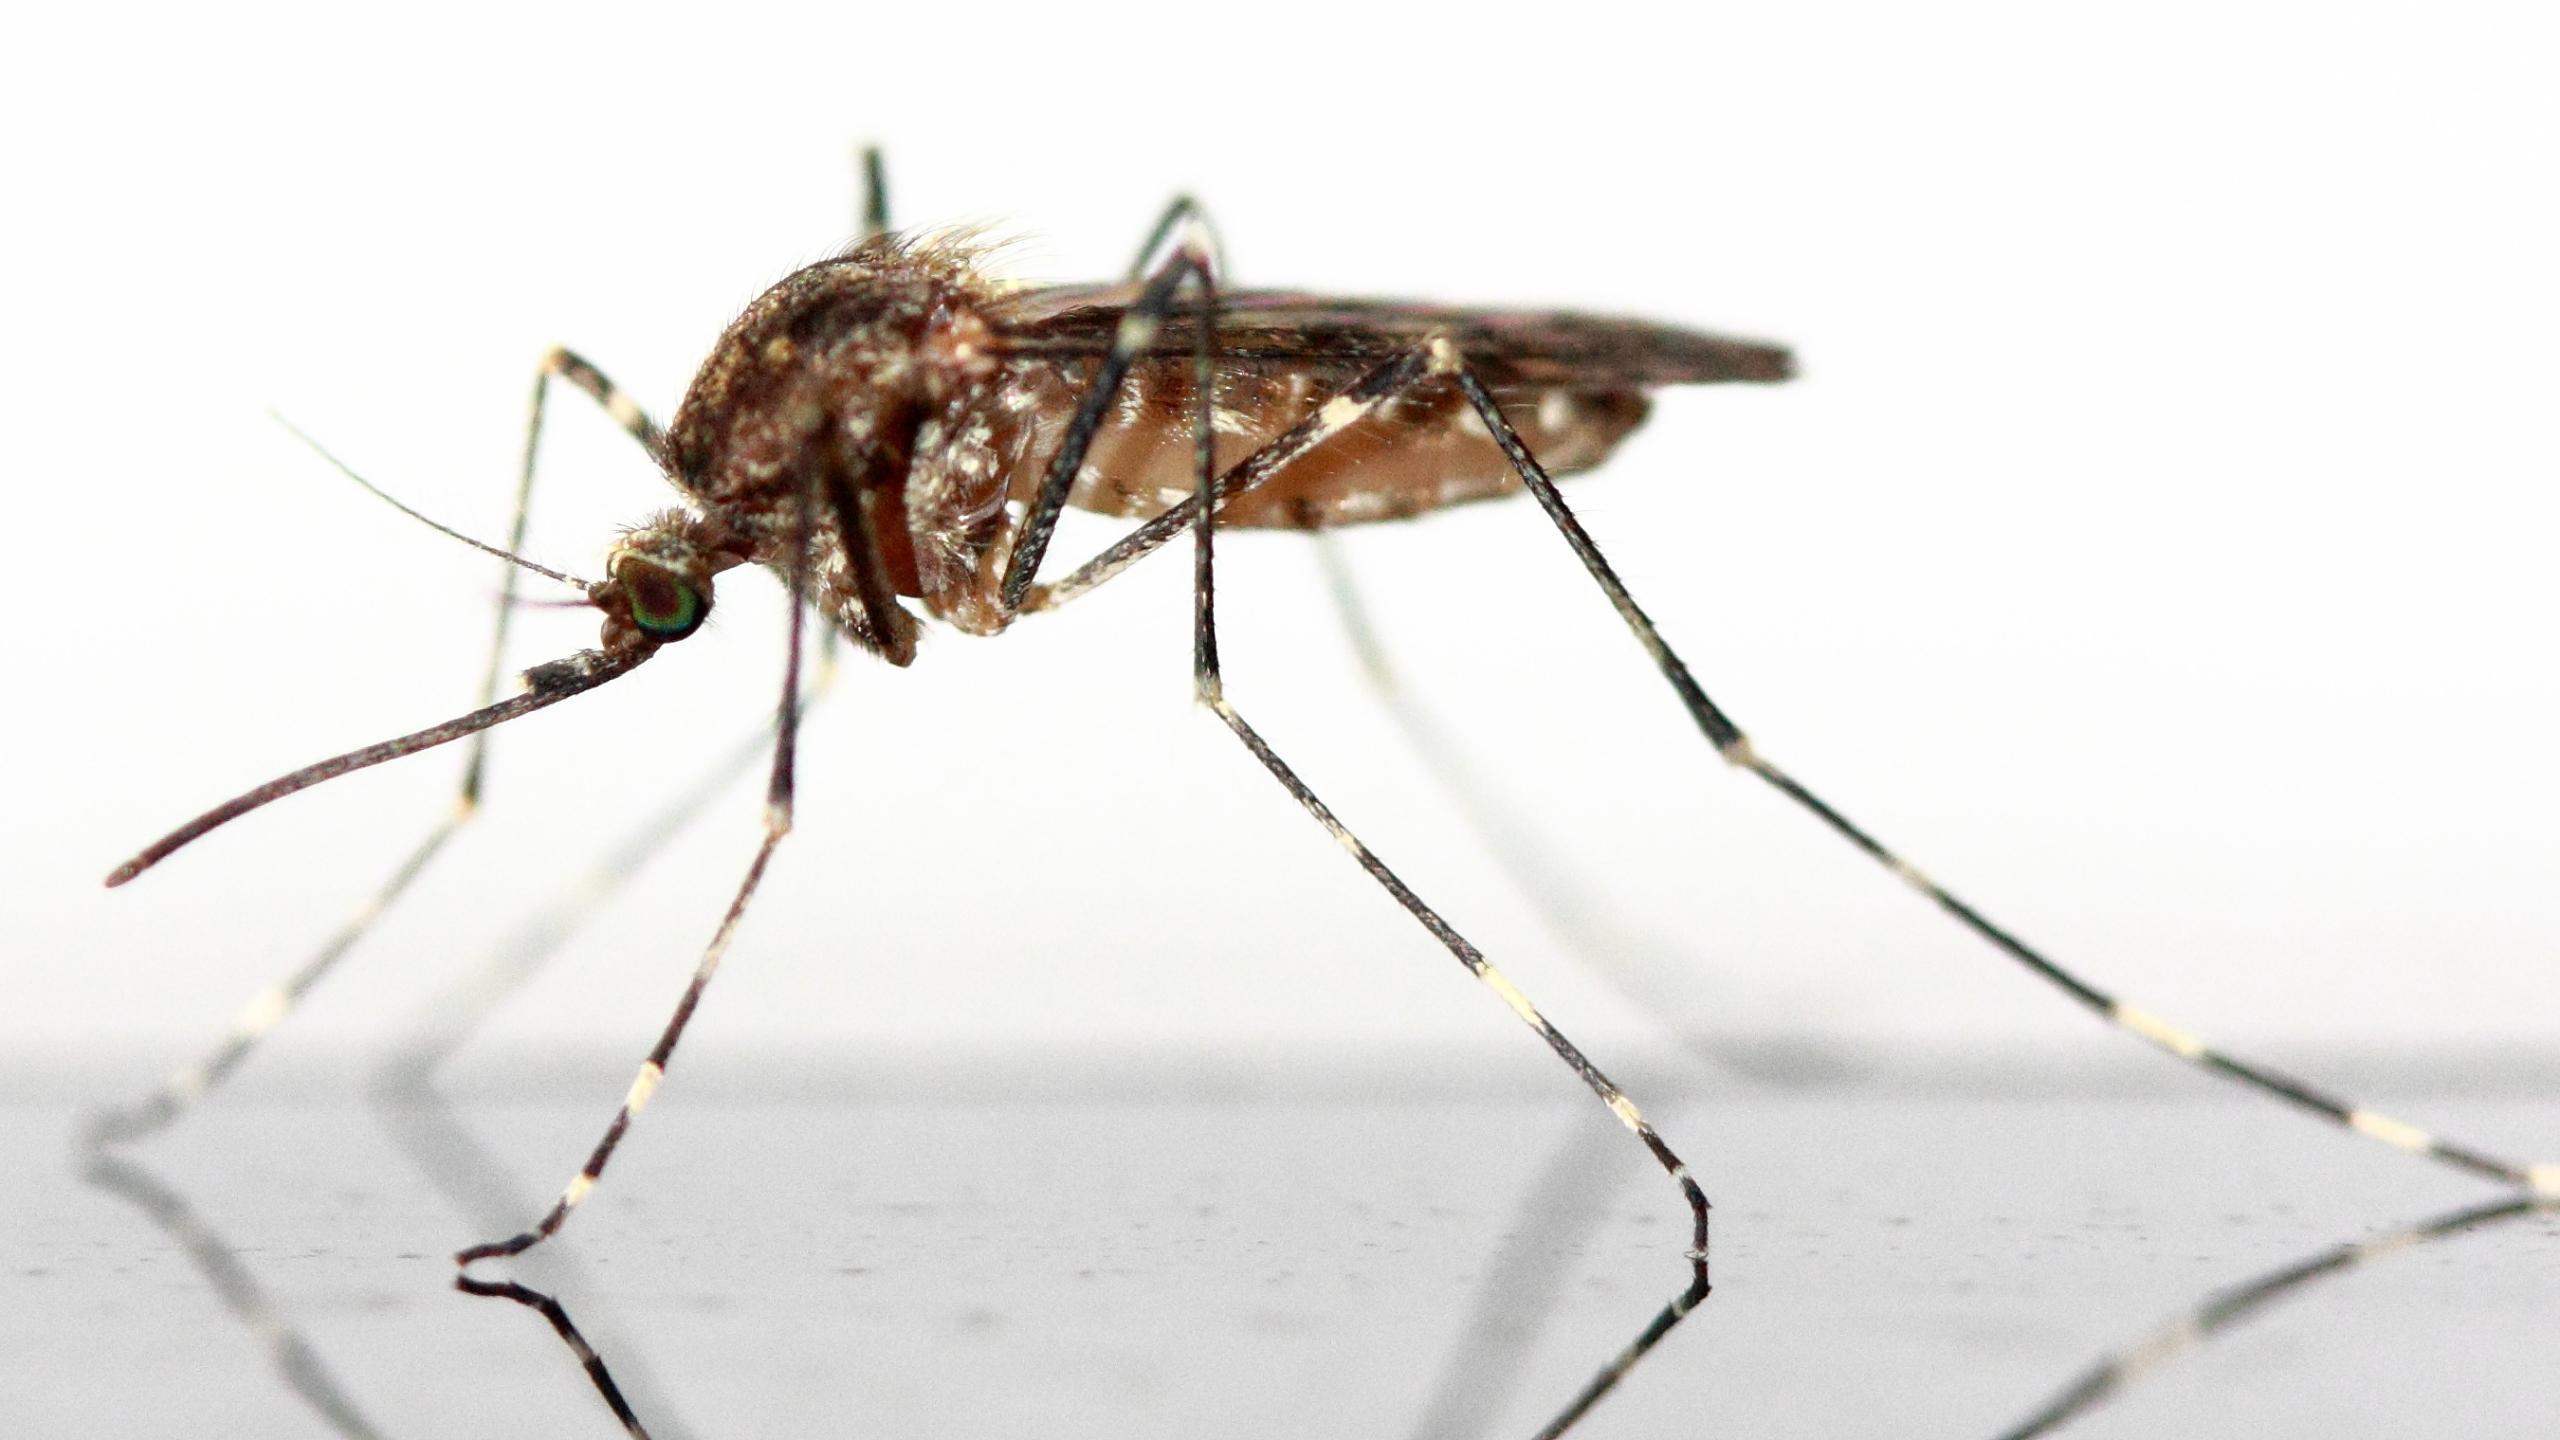 Двое в комнате. Человек и комар: рандеву, переходящее в сафари